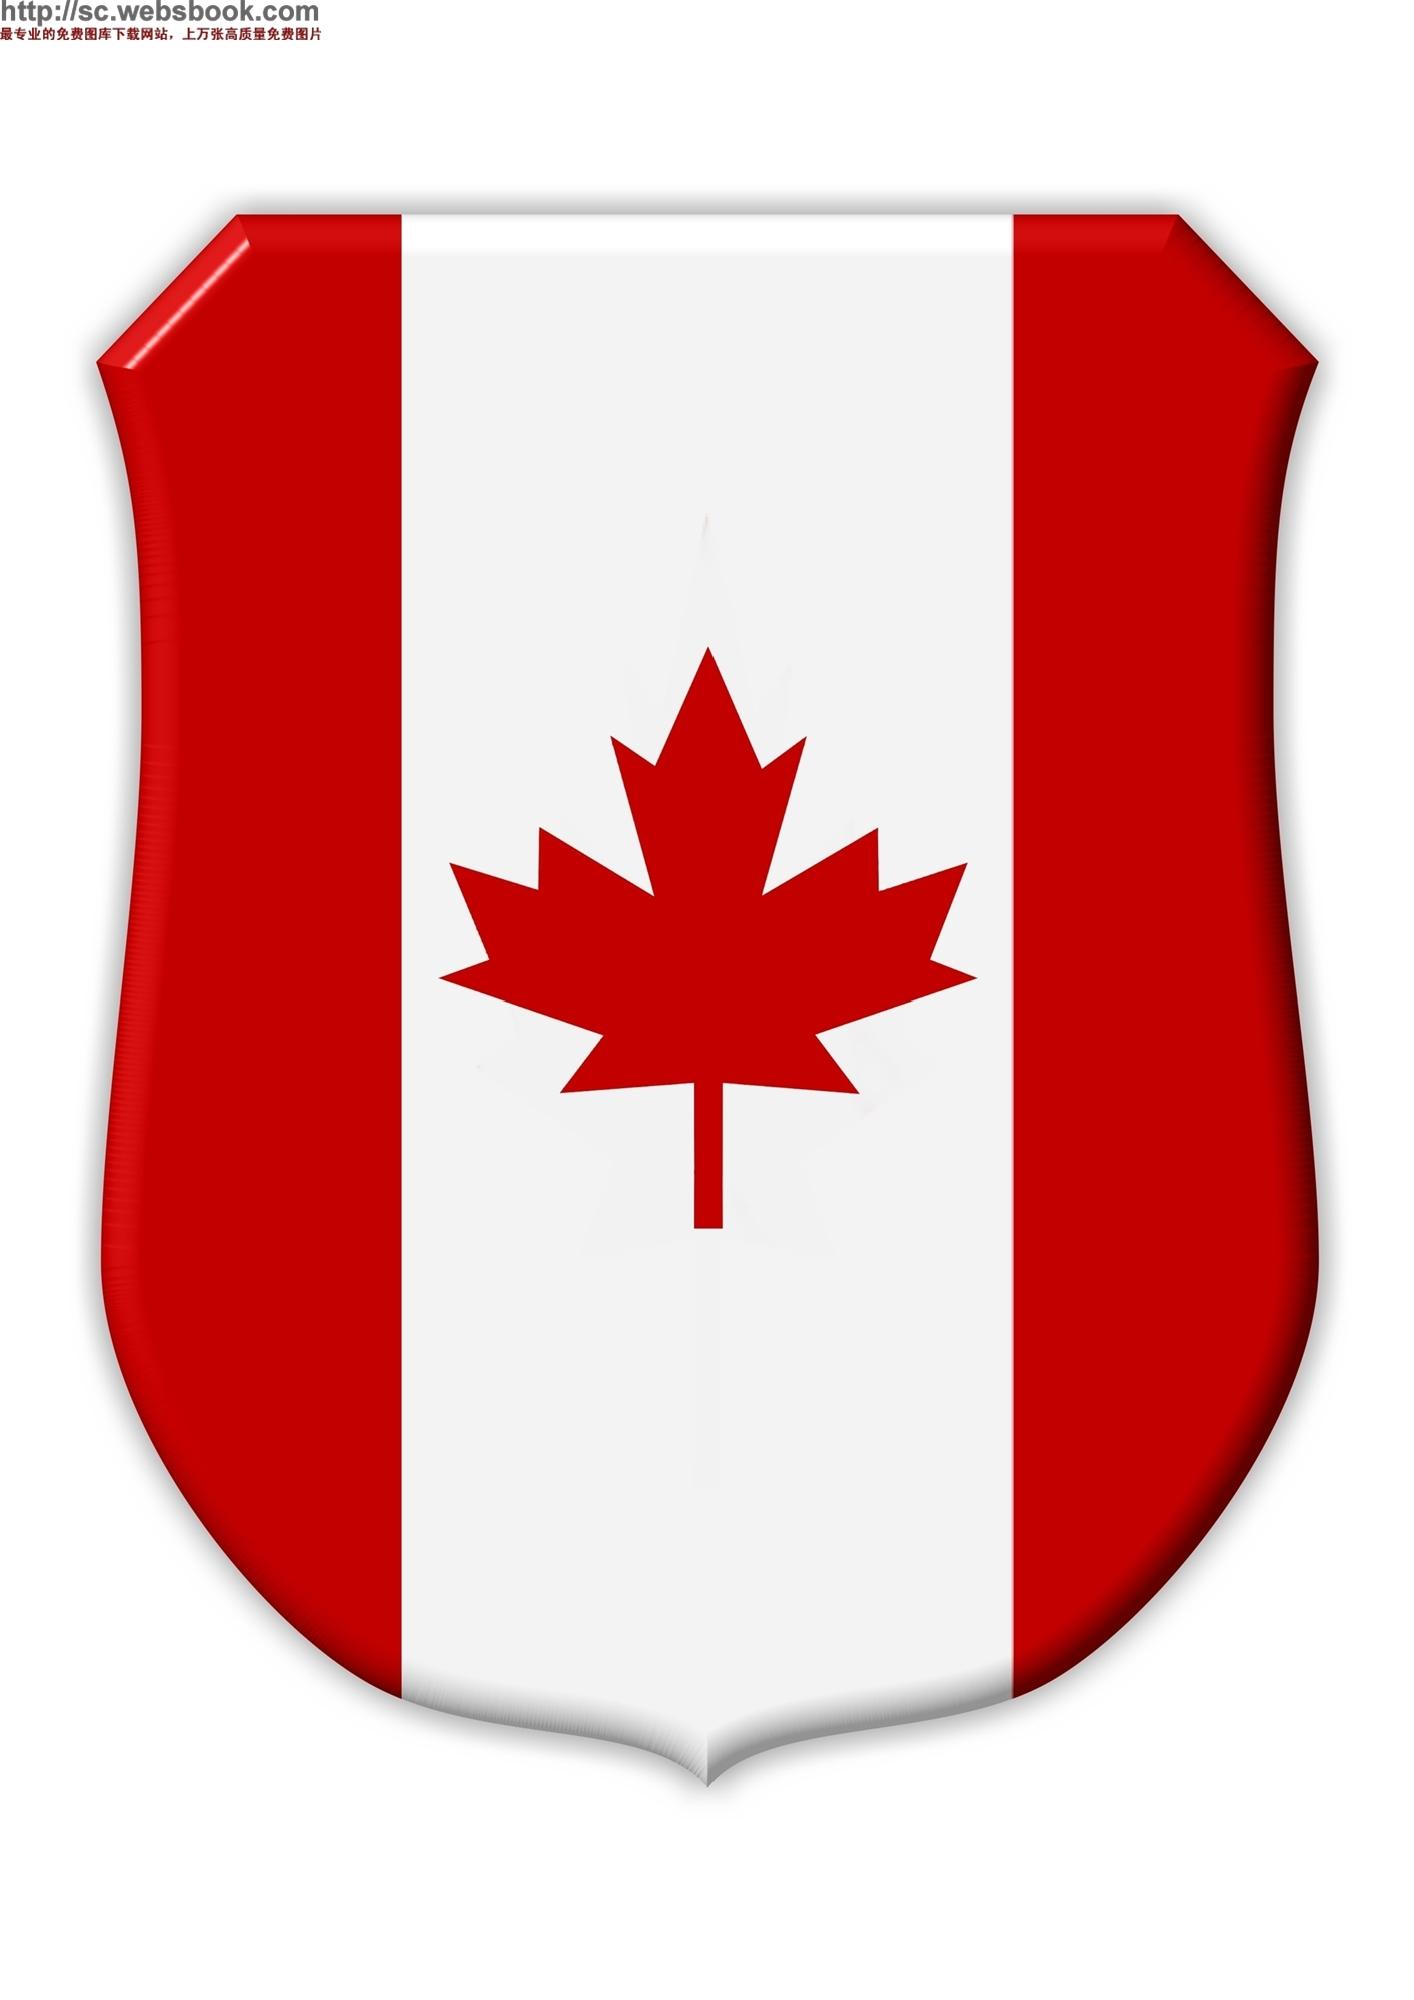 加拿大投资移民图片